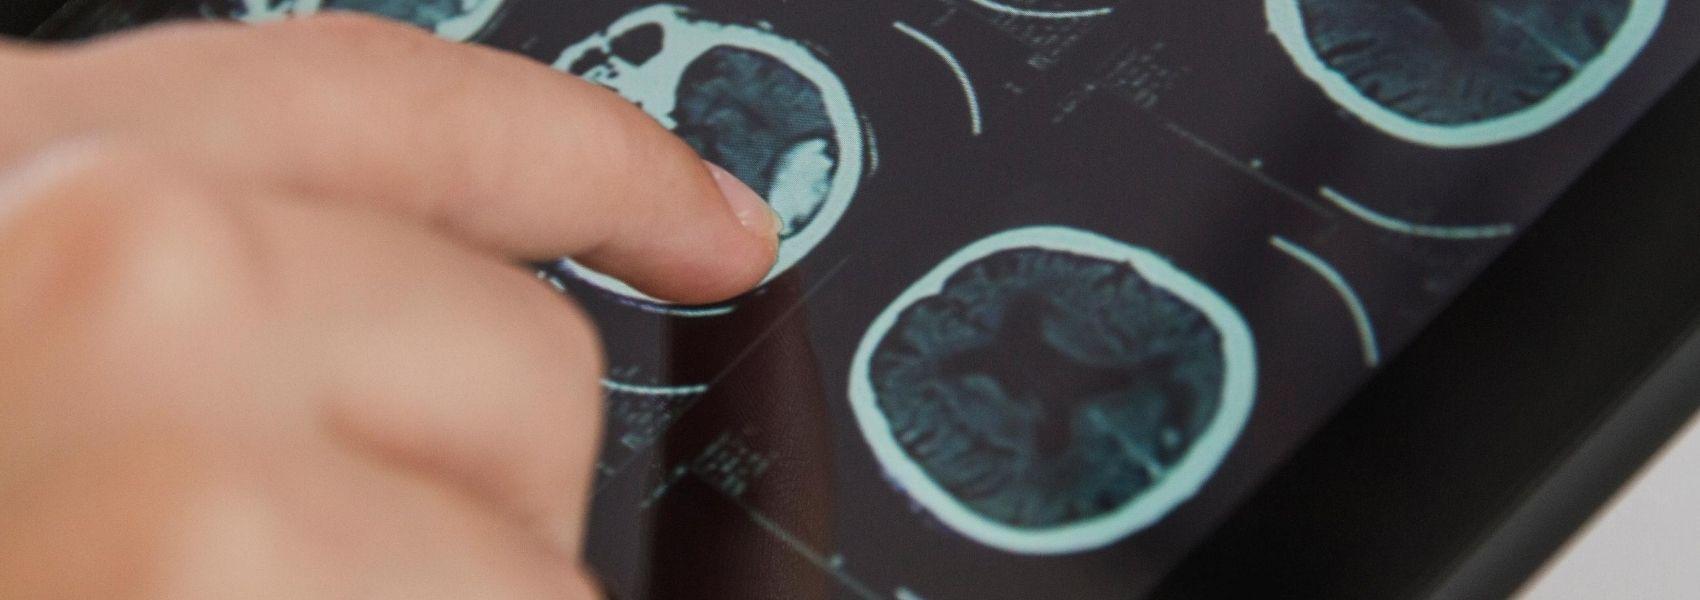 Novo exame de sangue revela-se promessa no diagnóstico da doença de Alzheimer